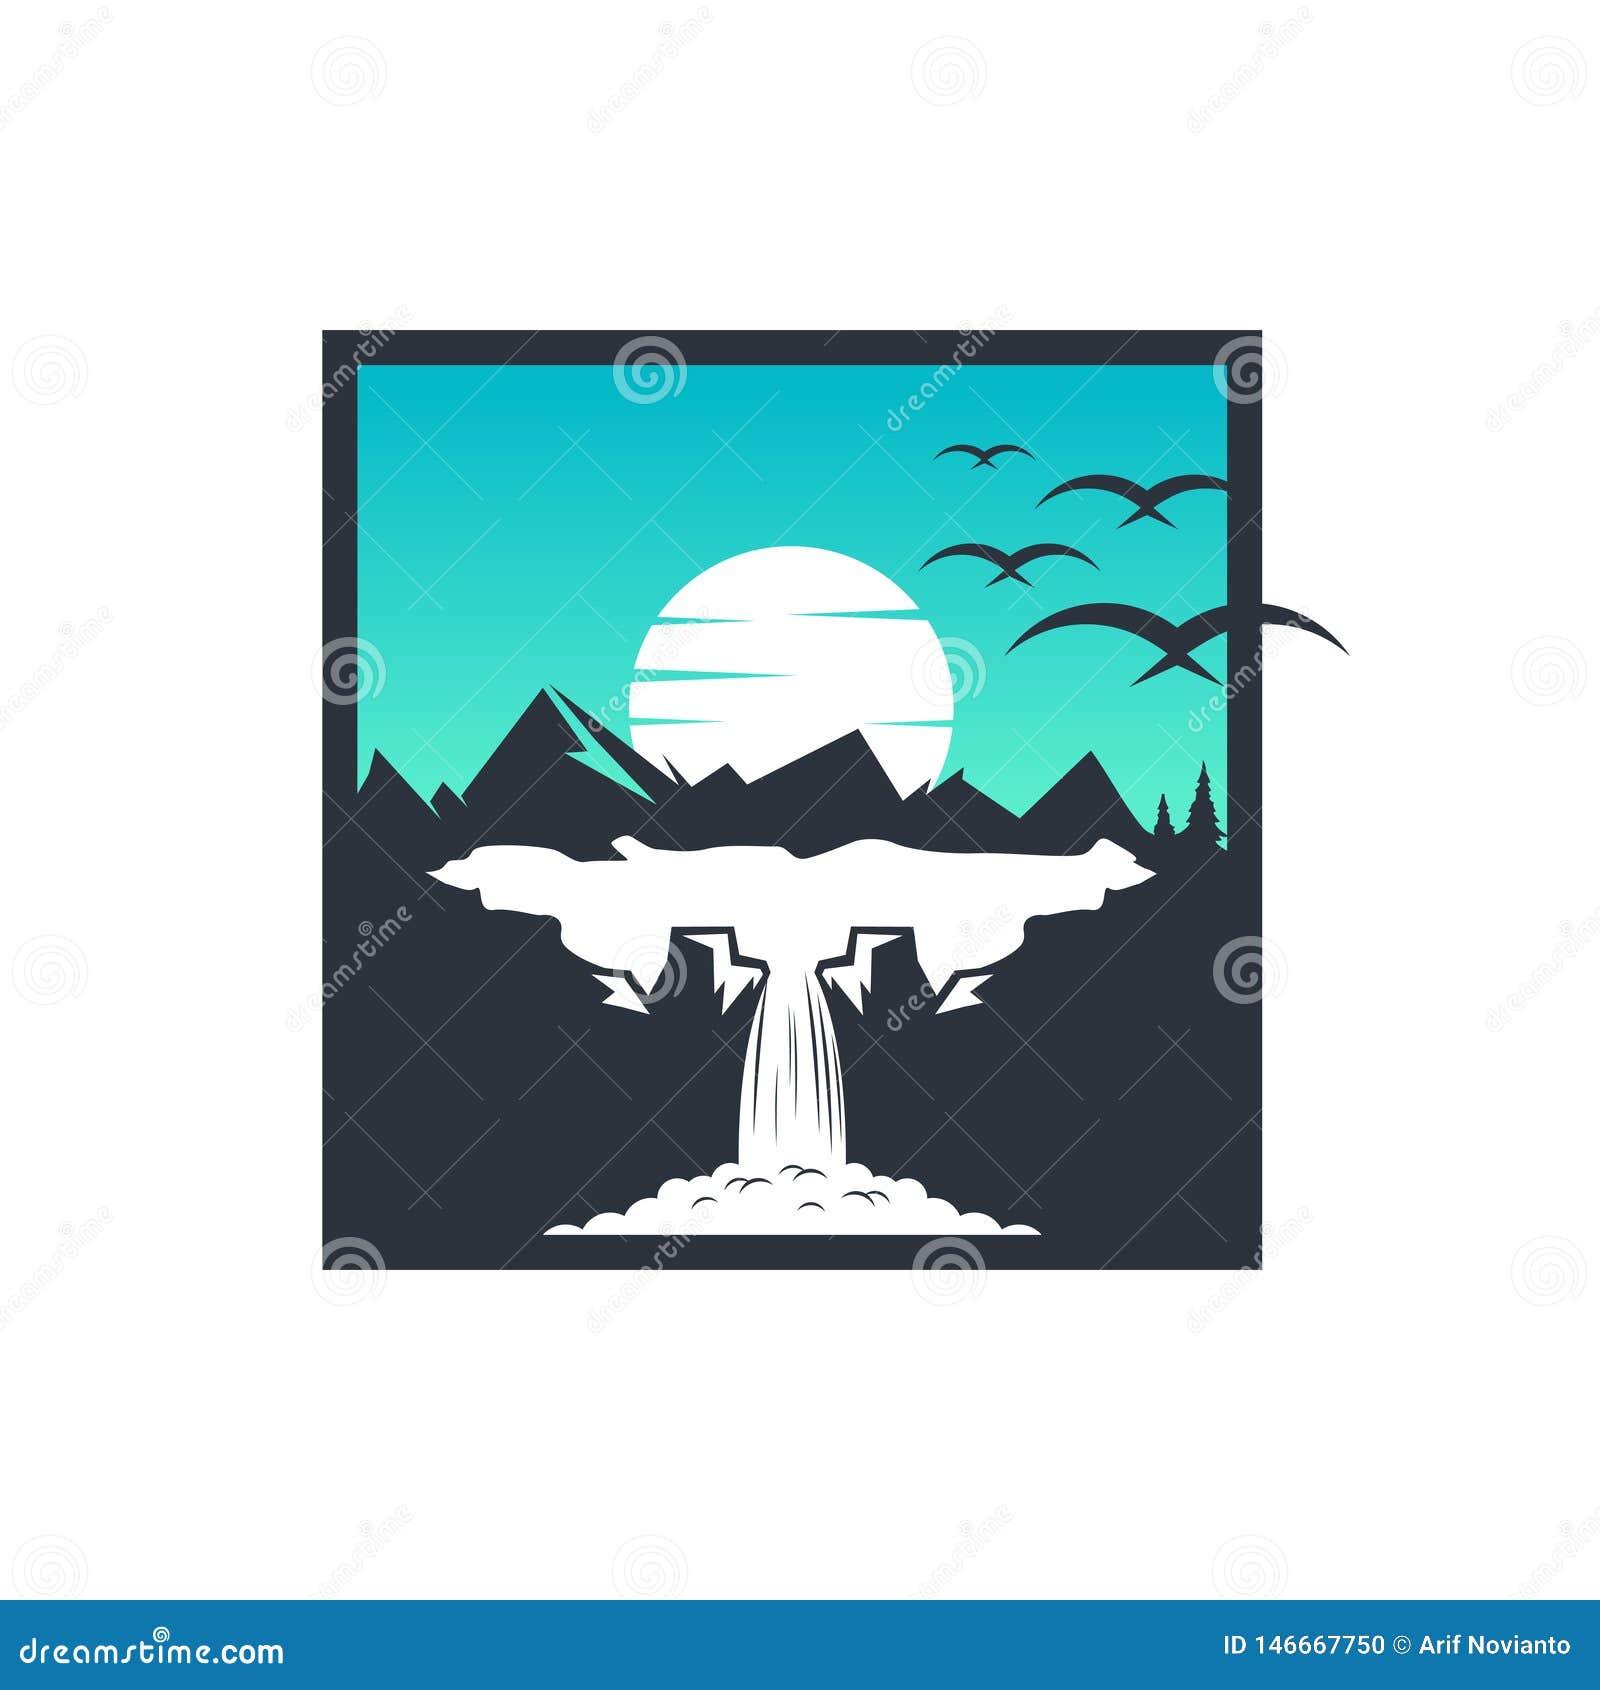 Entwurfsreise zum Berg